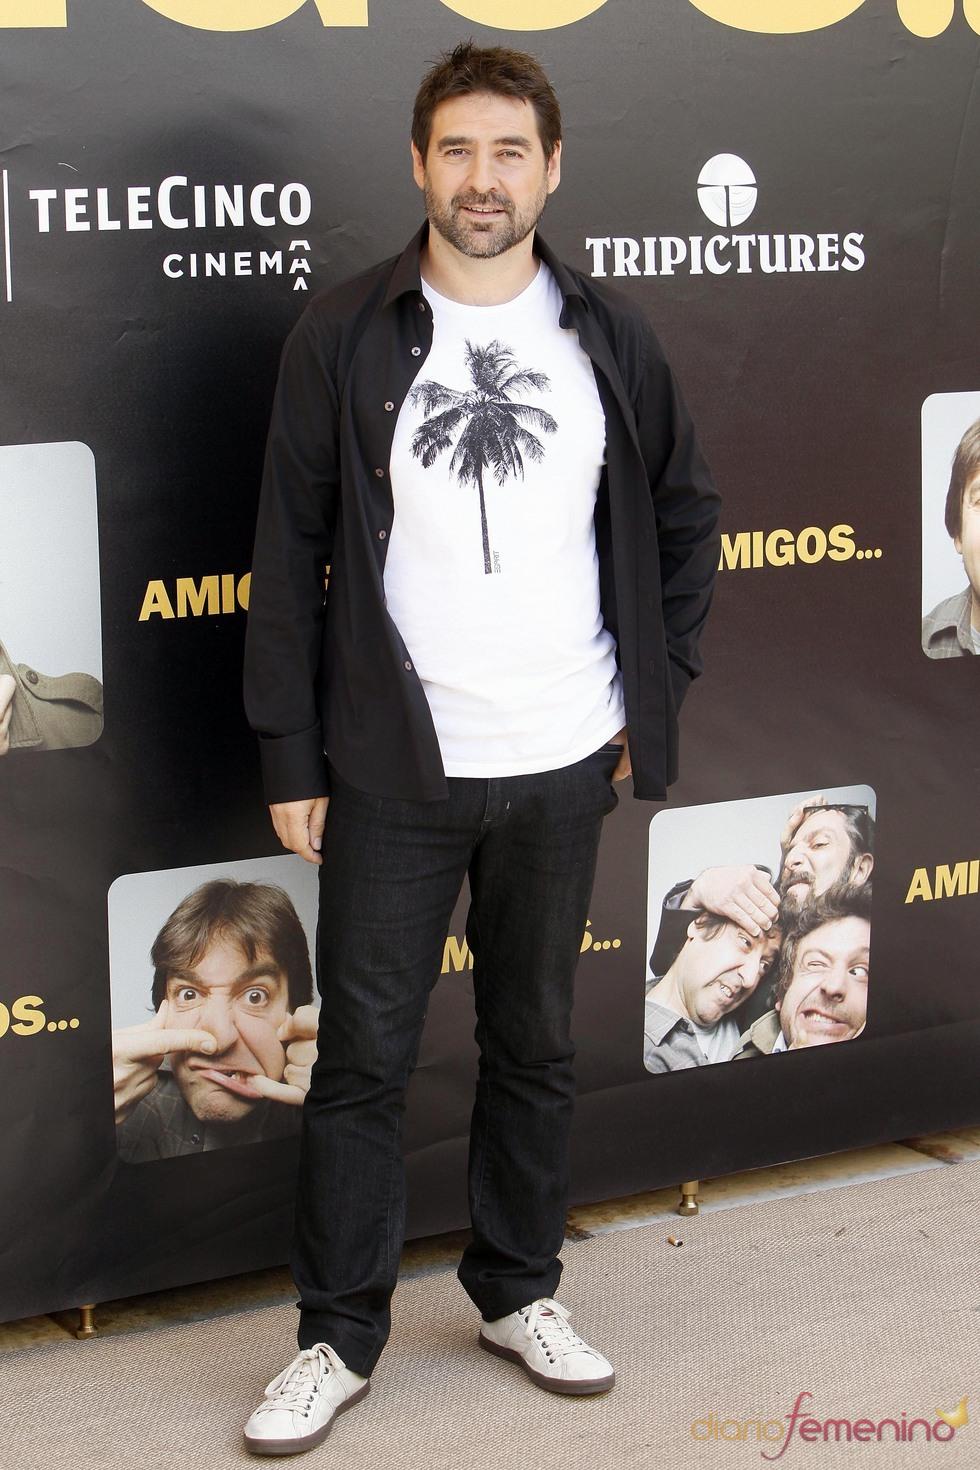 Alberto Lozano en la promoción de la película 'Amigos'